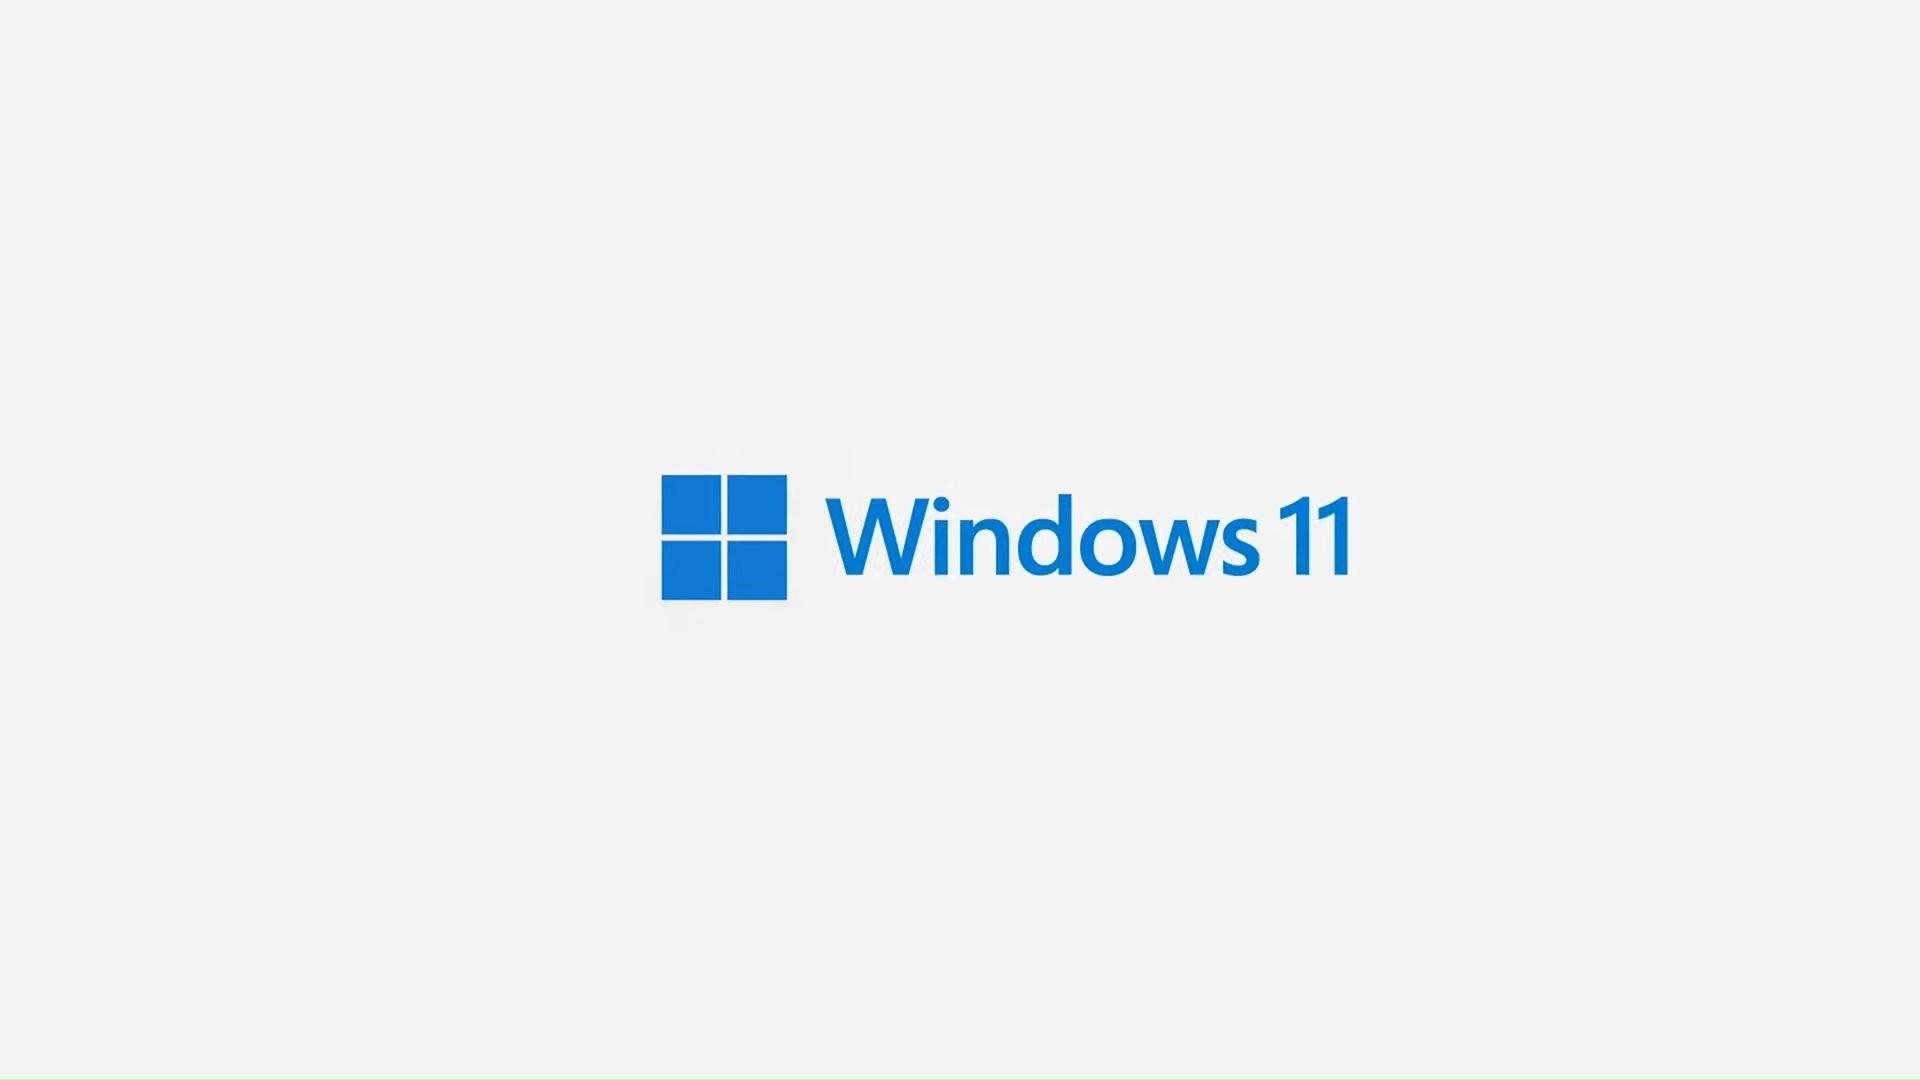 كيف تعلم ان جهازك يدعم ويندوز 11 بنقرة واحدة...